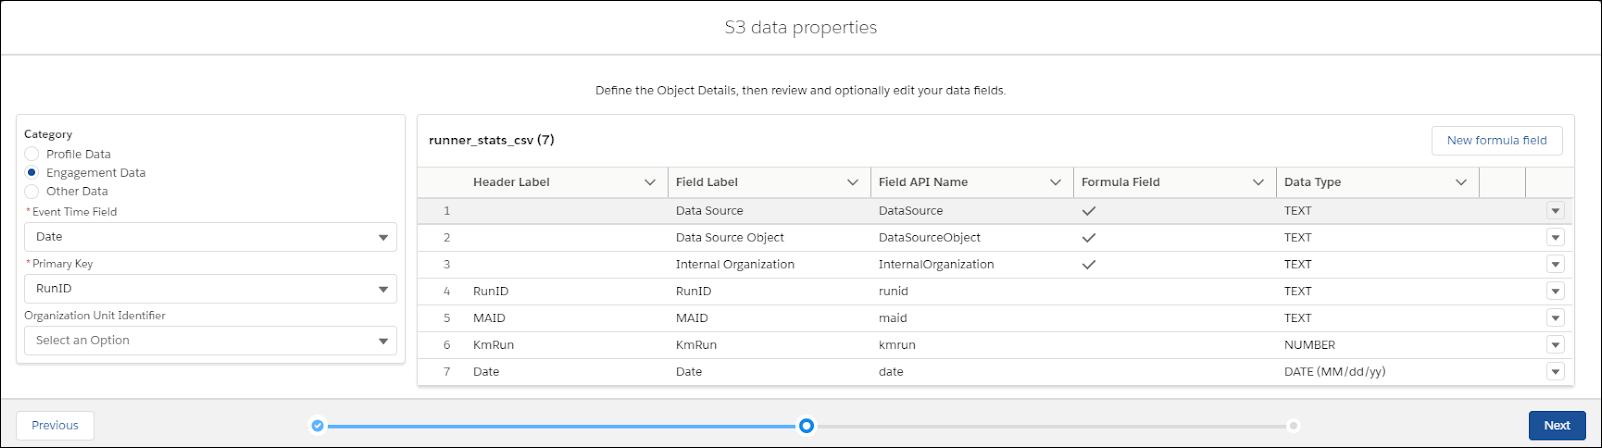 S3 data properties